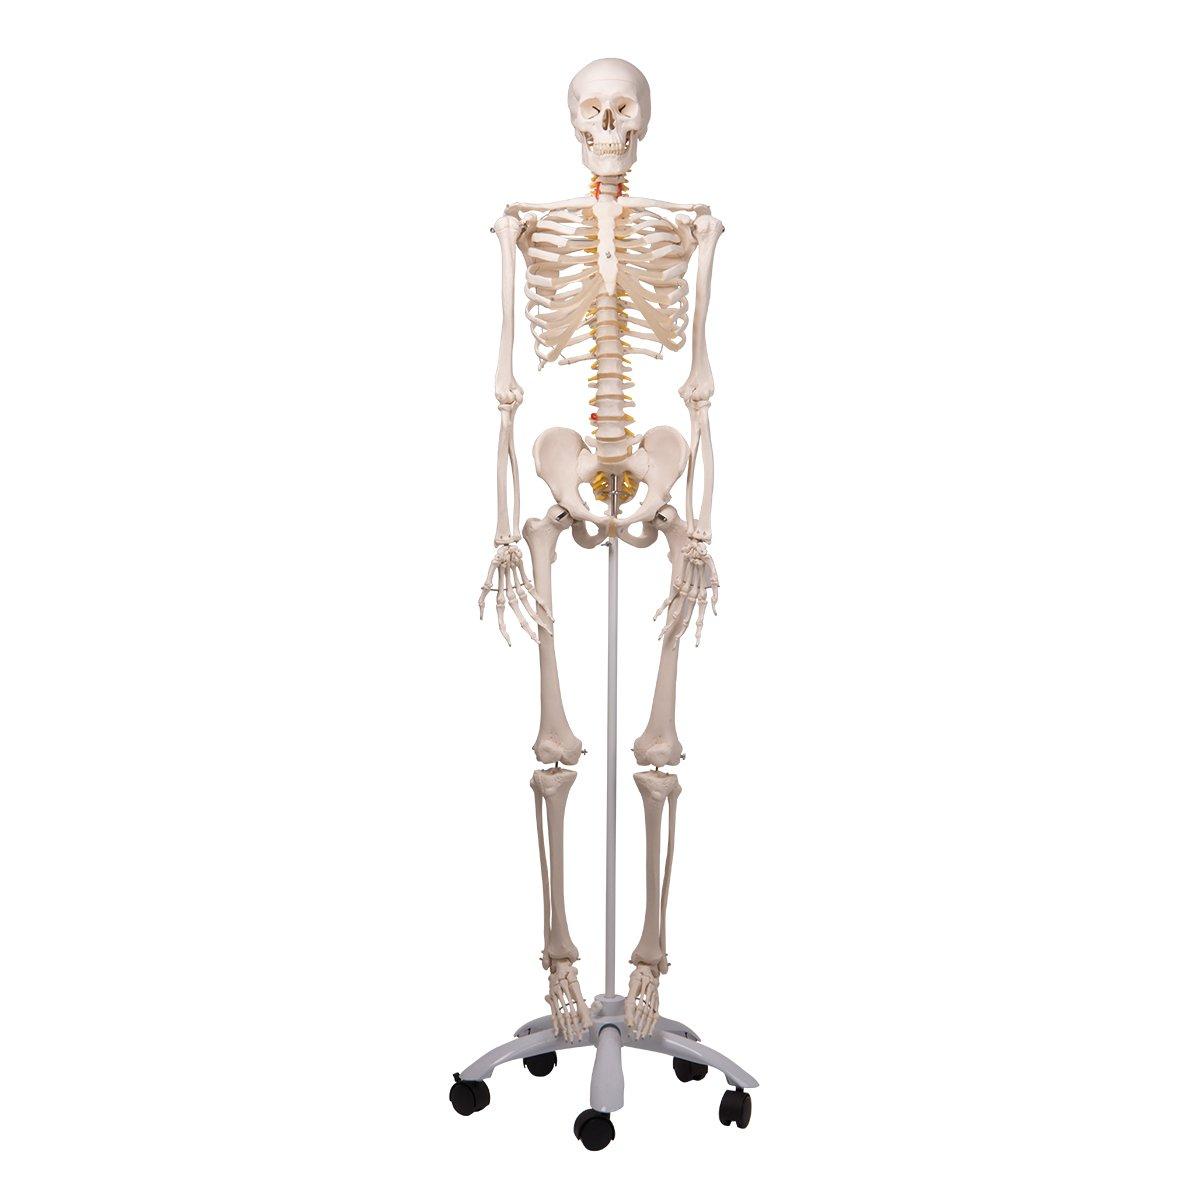 脊柱可動型 全身骨格模型 フレッド骨格モデル,直立型スタンド仕様   B001N4QTIE